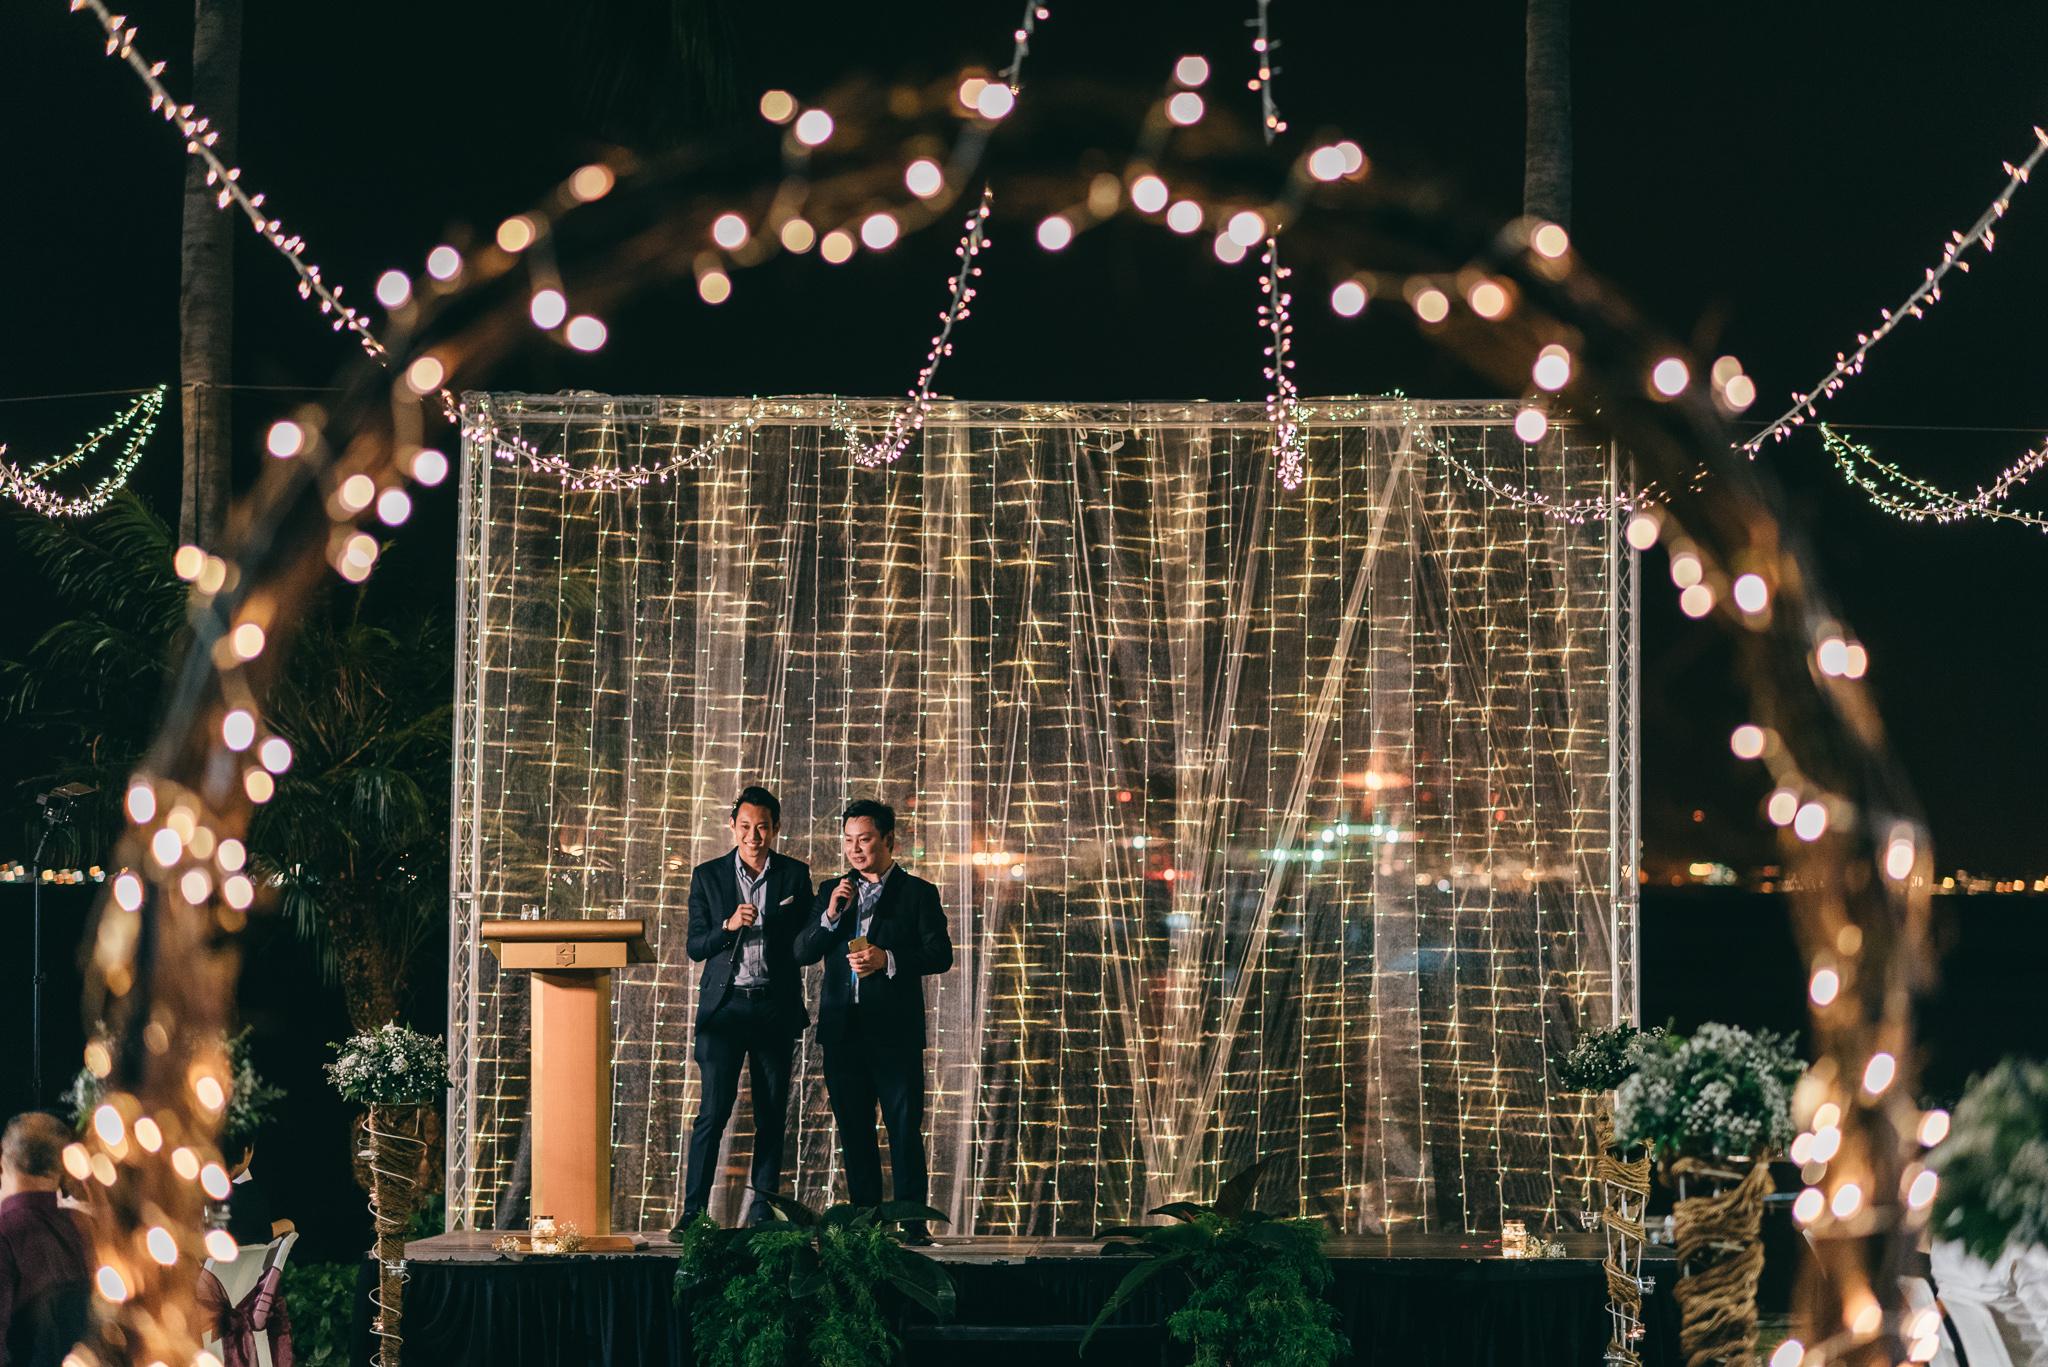 Lionel & Karen Wedding Day Highlights (resized for sharing) - 195.jpg